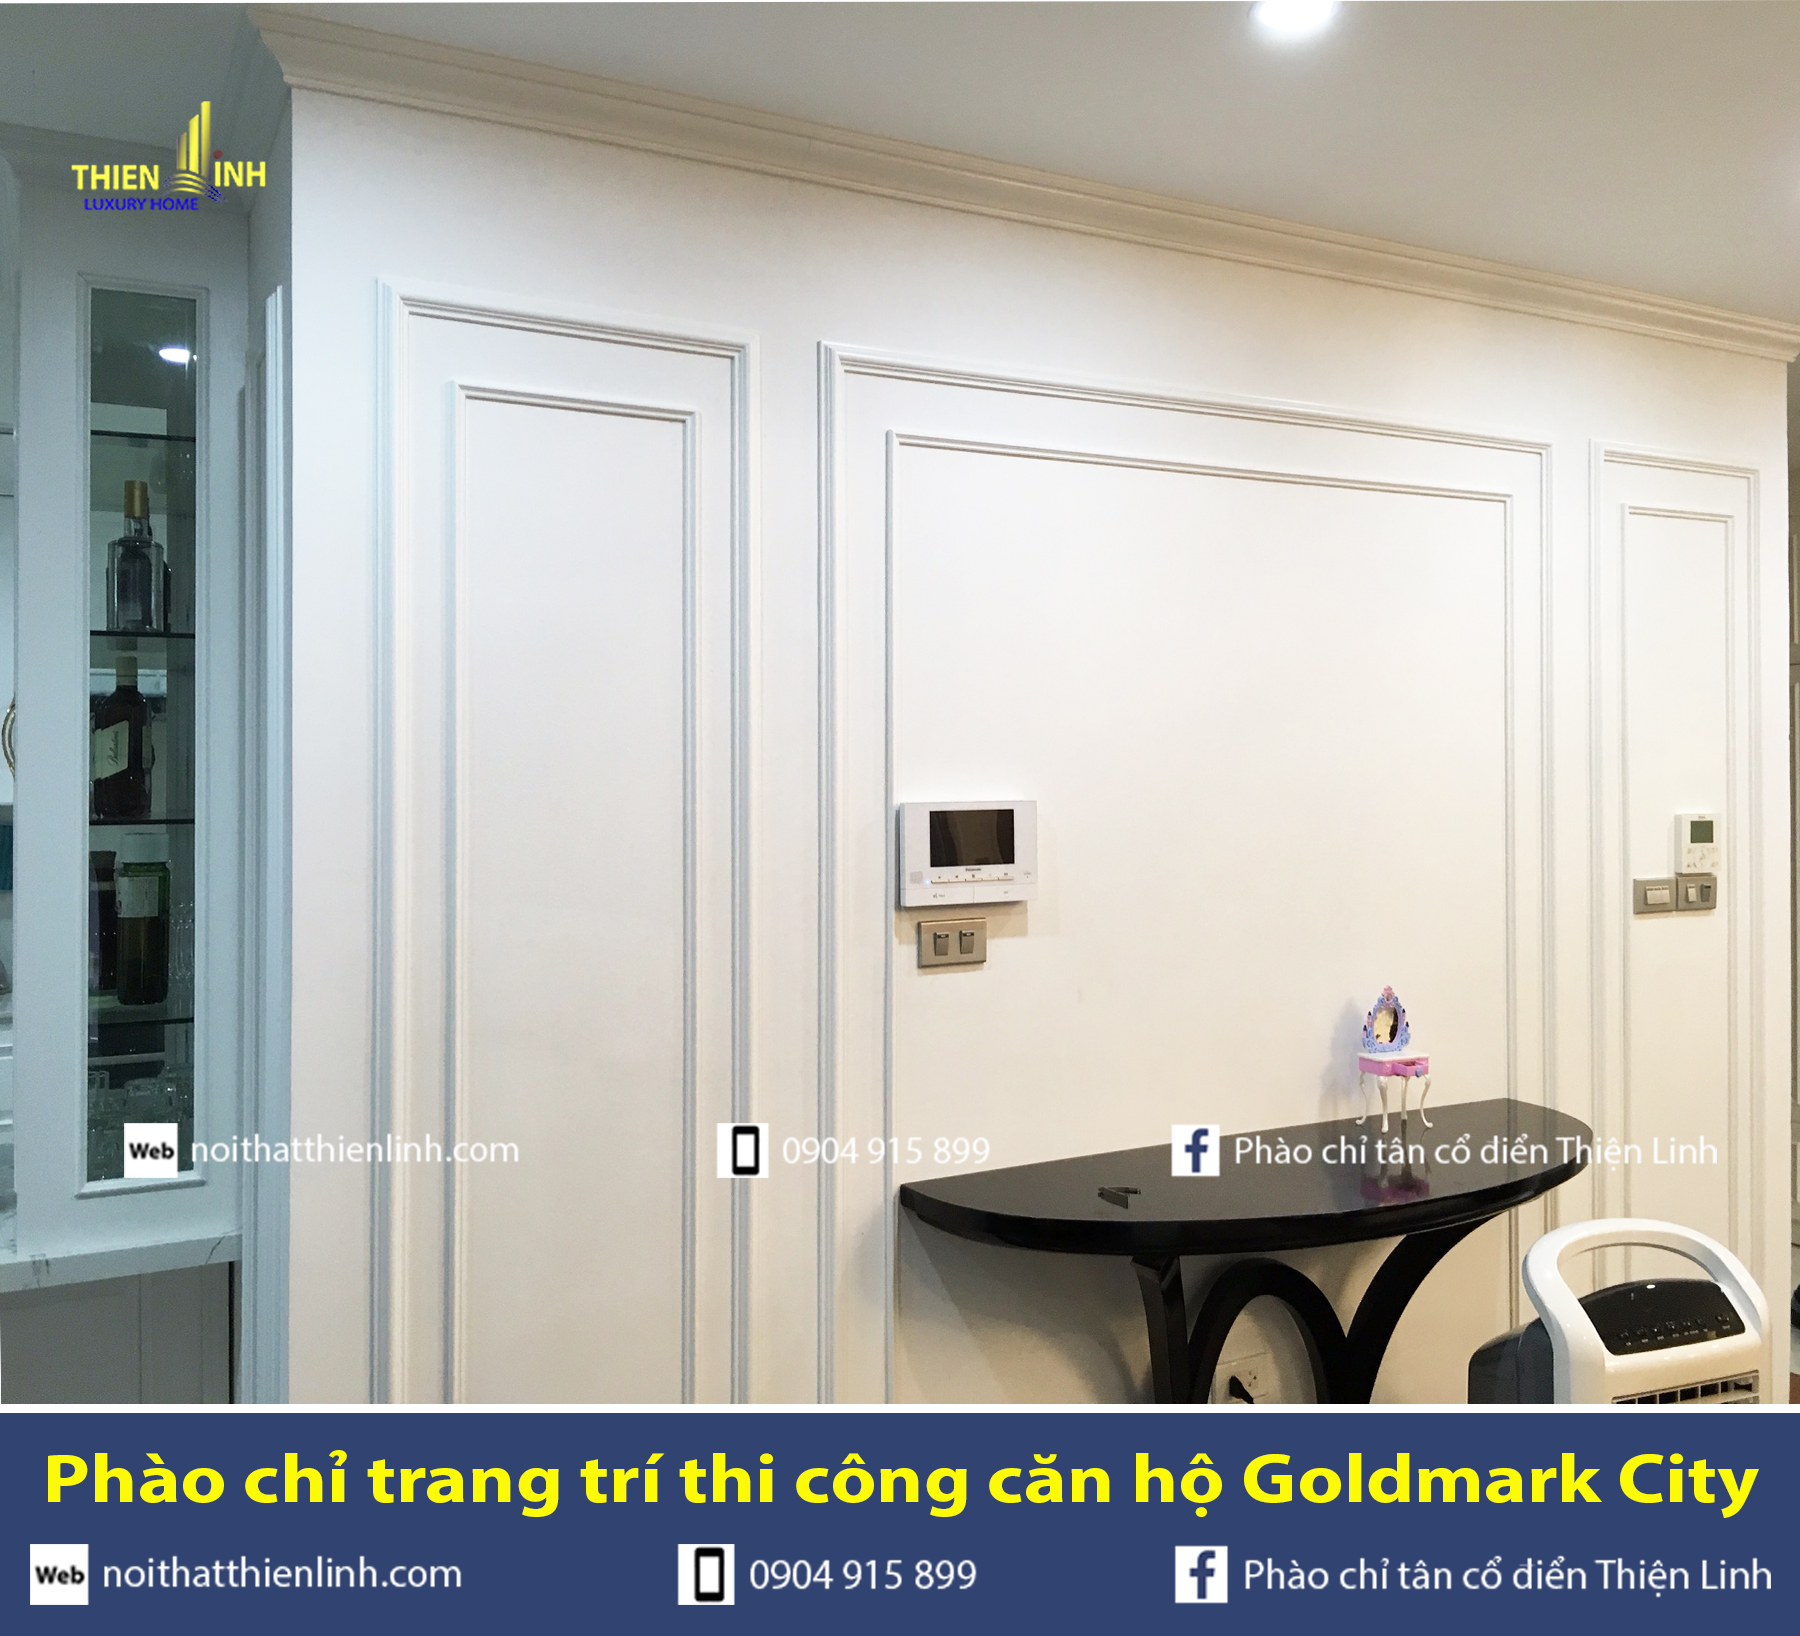 Phào chỉ trang trí thi công căn hộ Goldmark City (11)